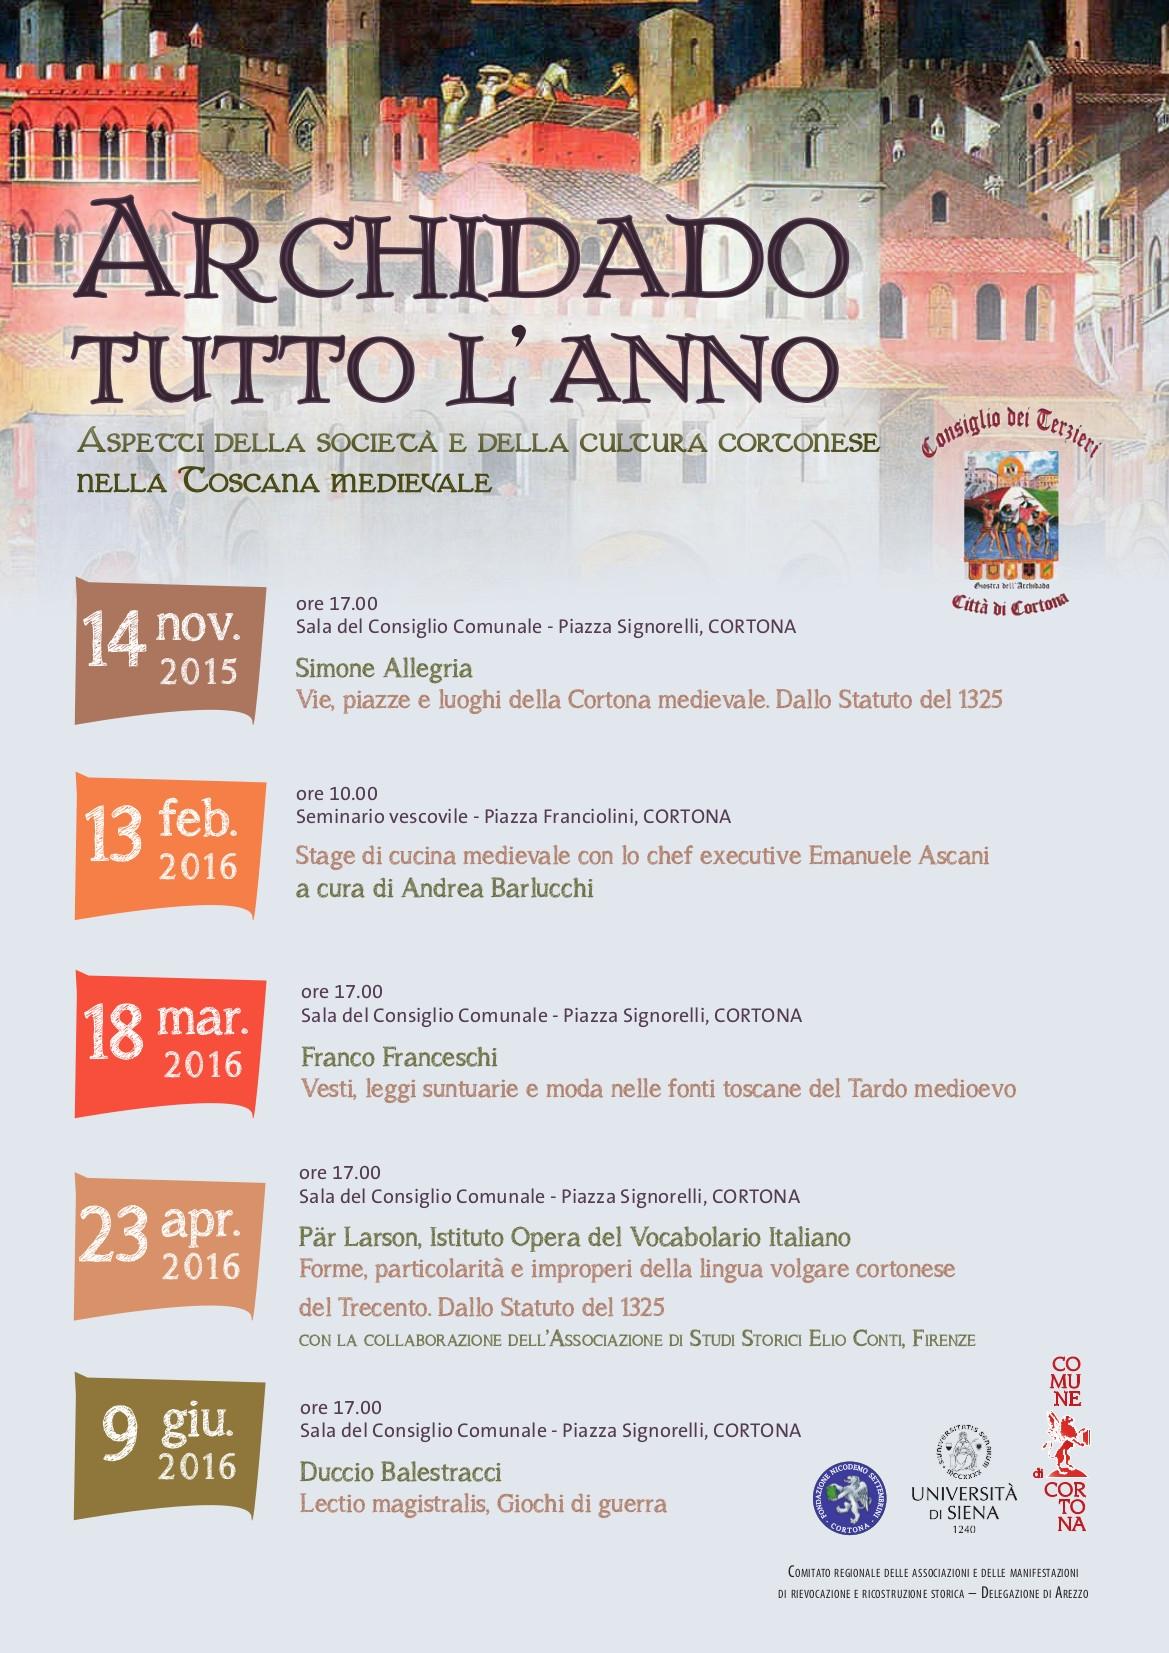 'Archidado tutto l'anno', un ciclo di conferenze sulla storia medievale di Cortona